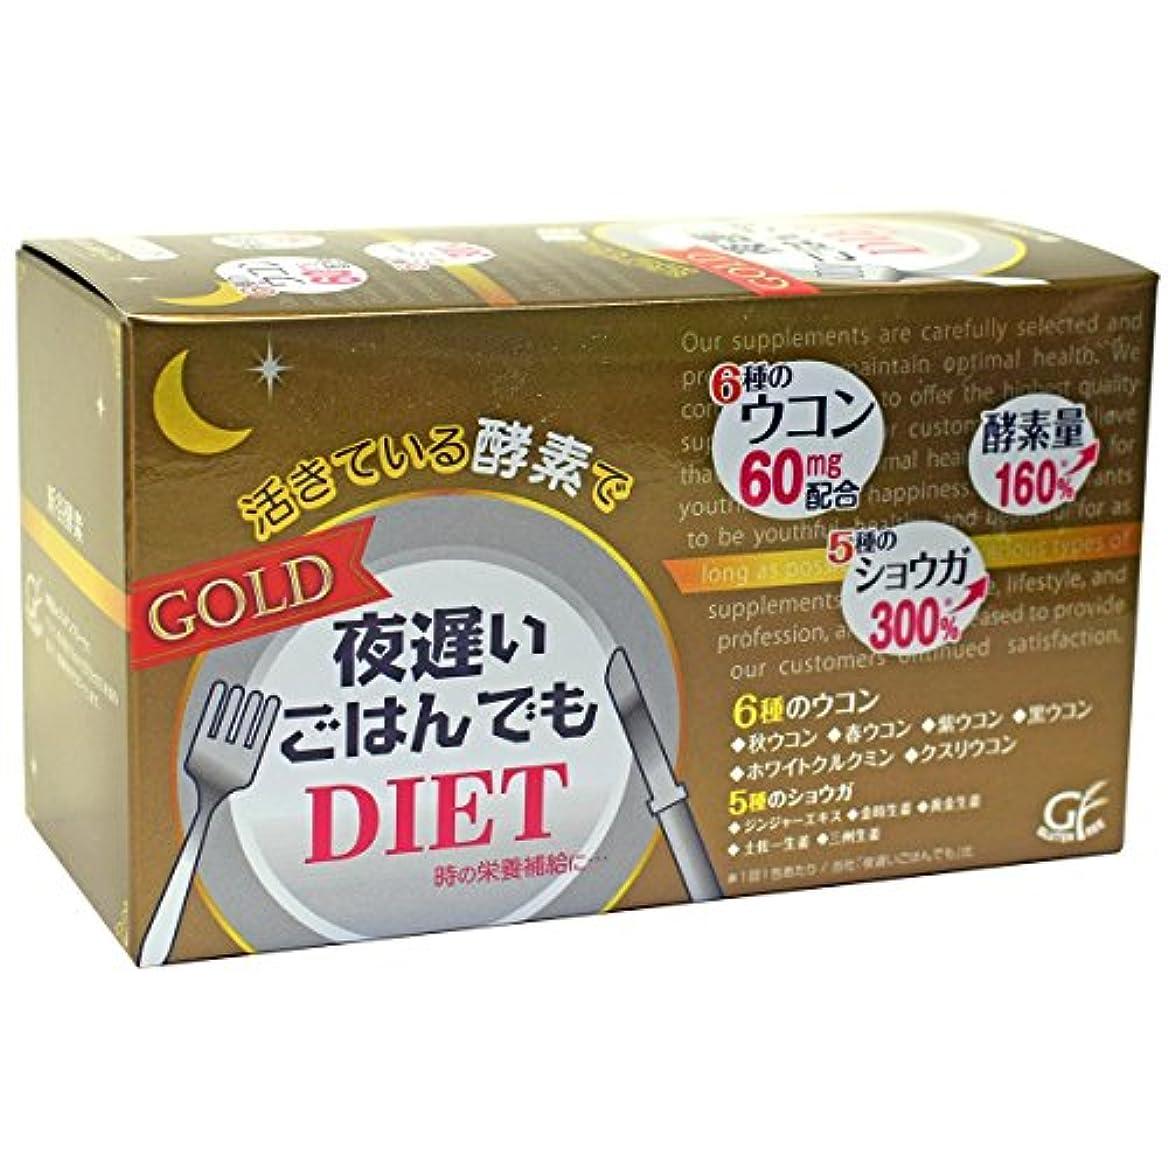 アリーナ亜熱帯奇跡新谷酵素 夜遅いごはんでも GOLD 30包入